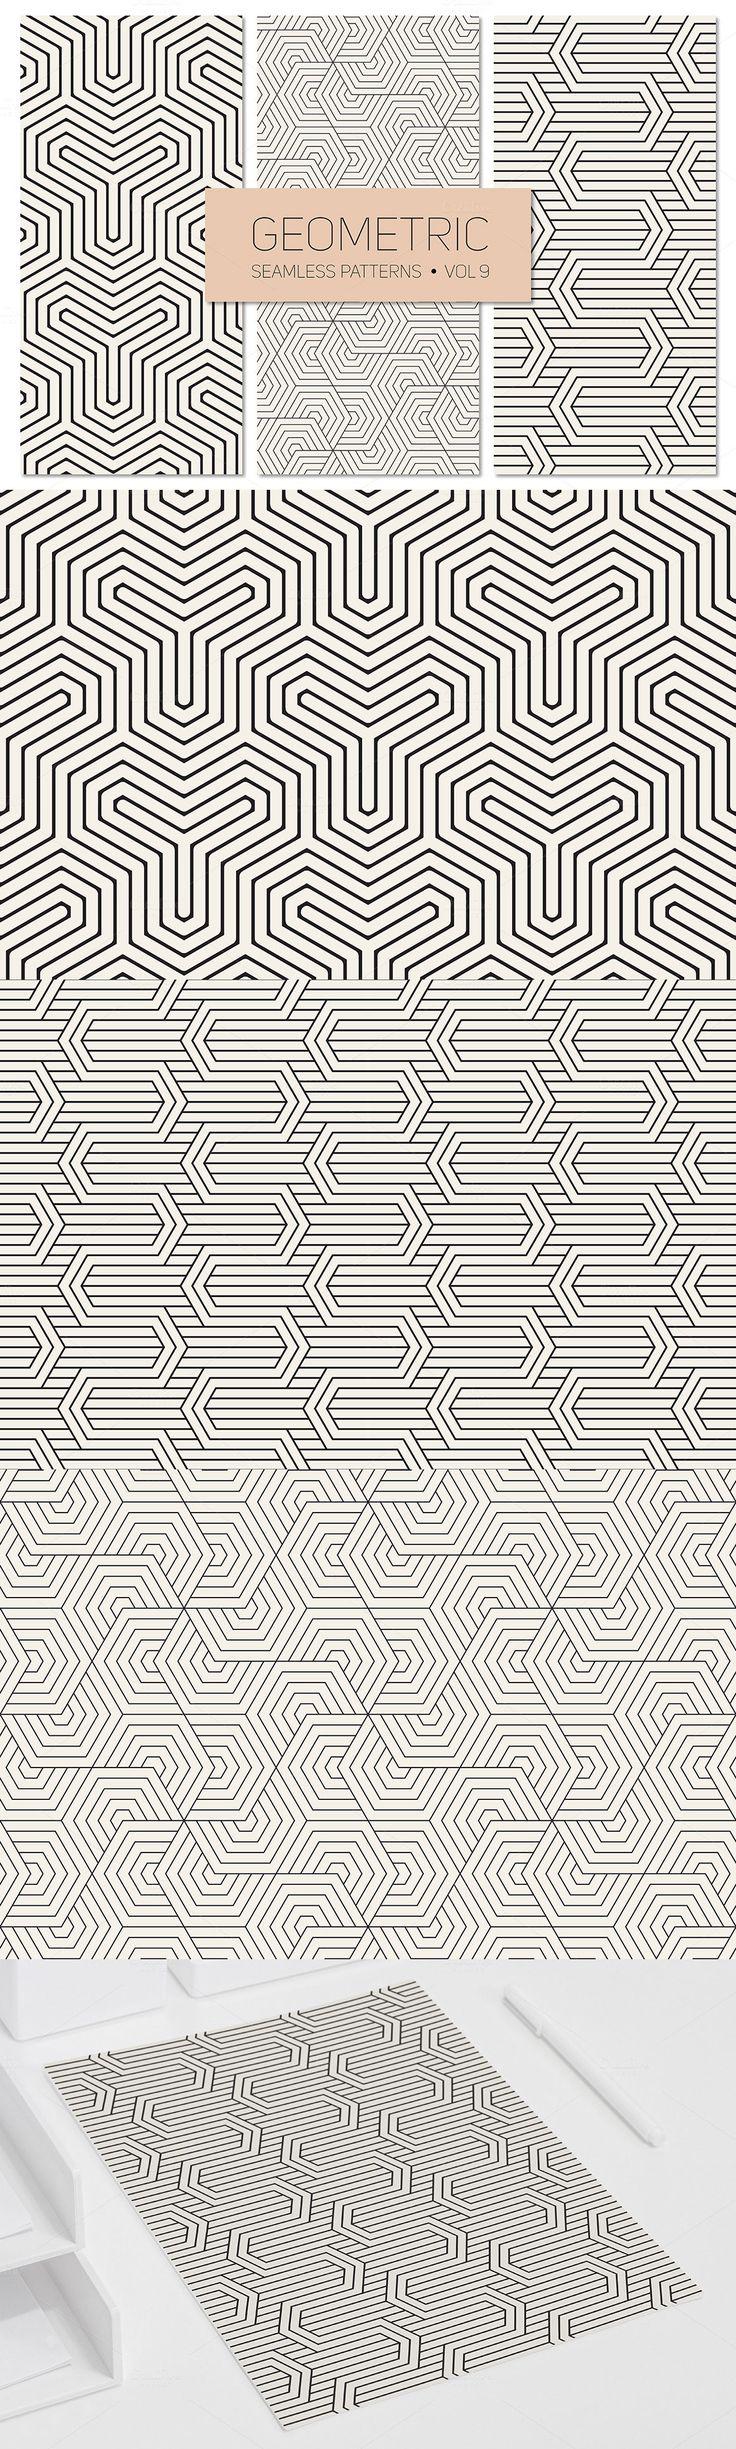 #Free #Geometric Seamless #Patterns